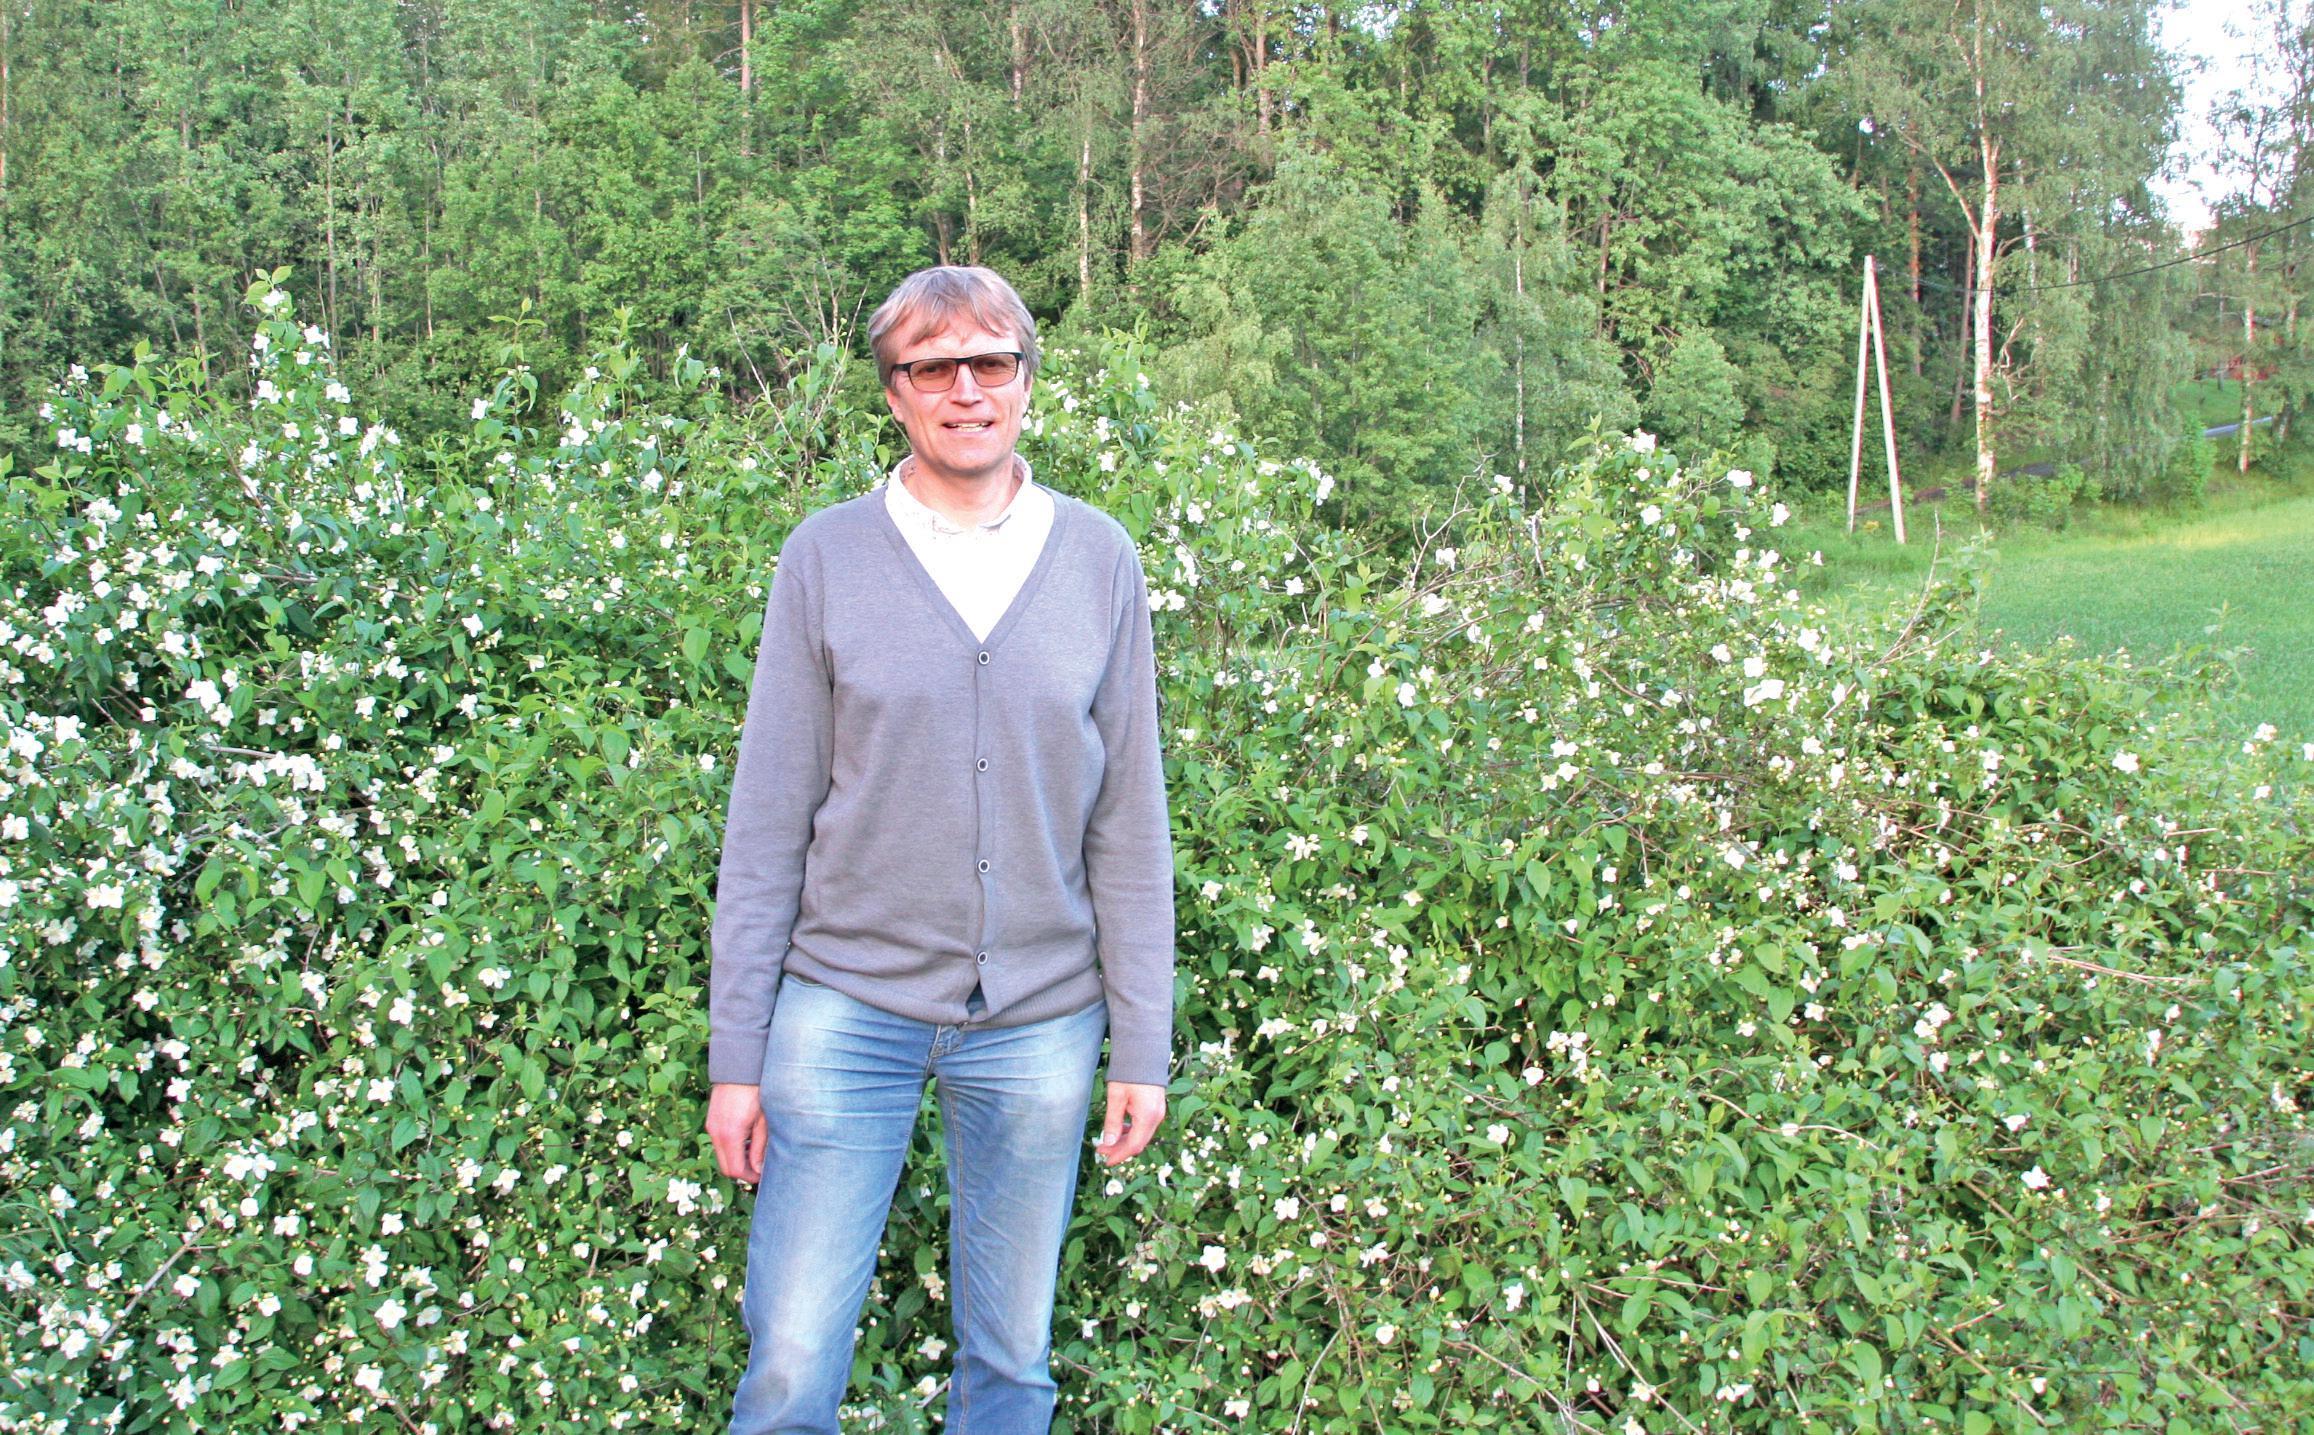 1. kandidat Lars Johan Rustad poserer foran grønn busk.